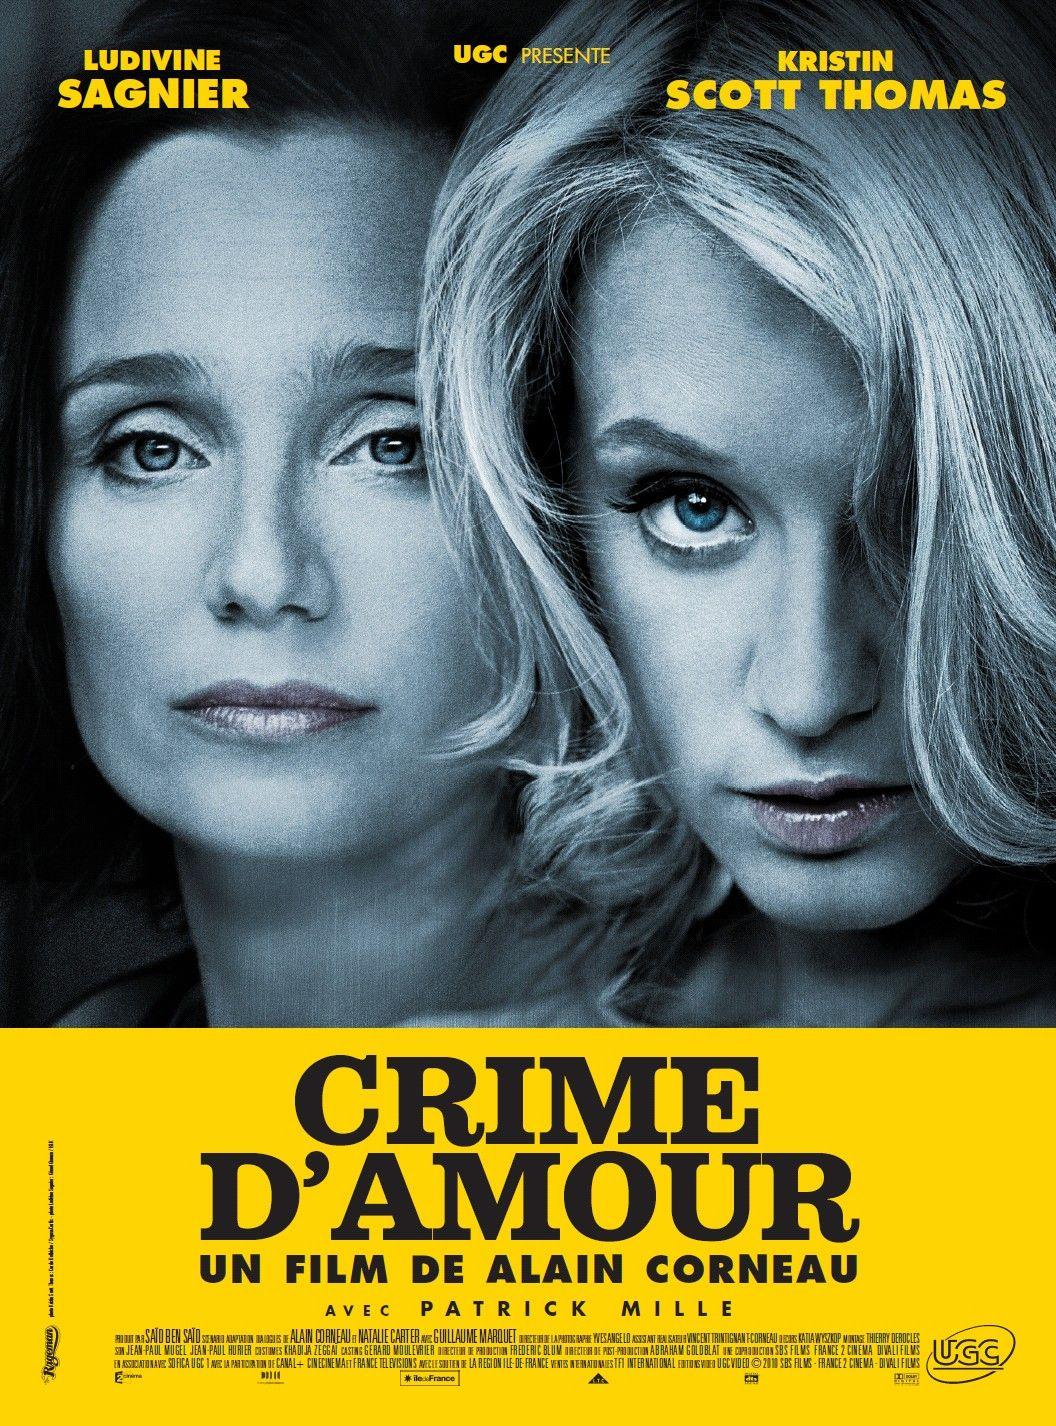 http://3.bp.blogspot.com/-rXdoTS3mrPQ/TbatS8jzVHI/AAAAAAAABdE/3X4H8V5XrkM/s1600/crime_damour_xlg.jpg